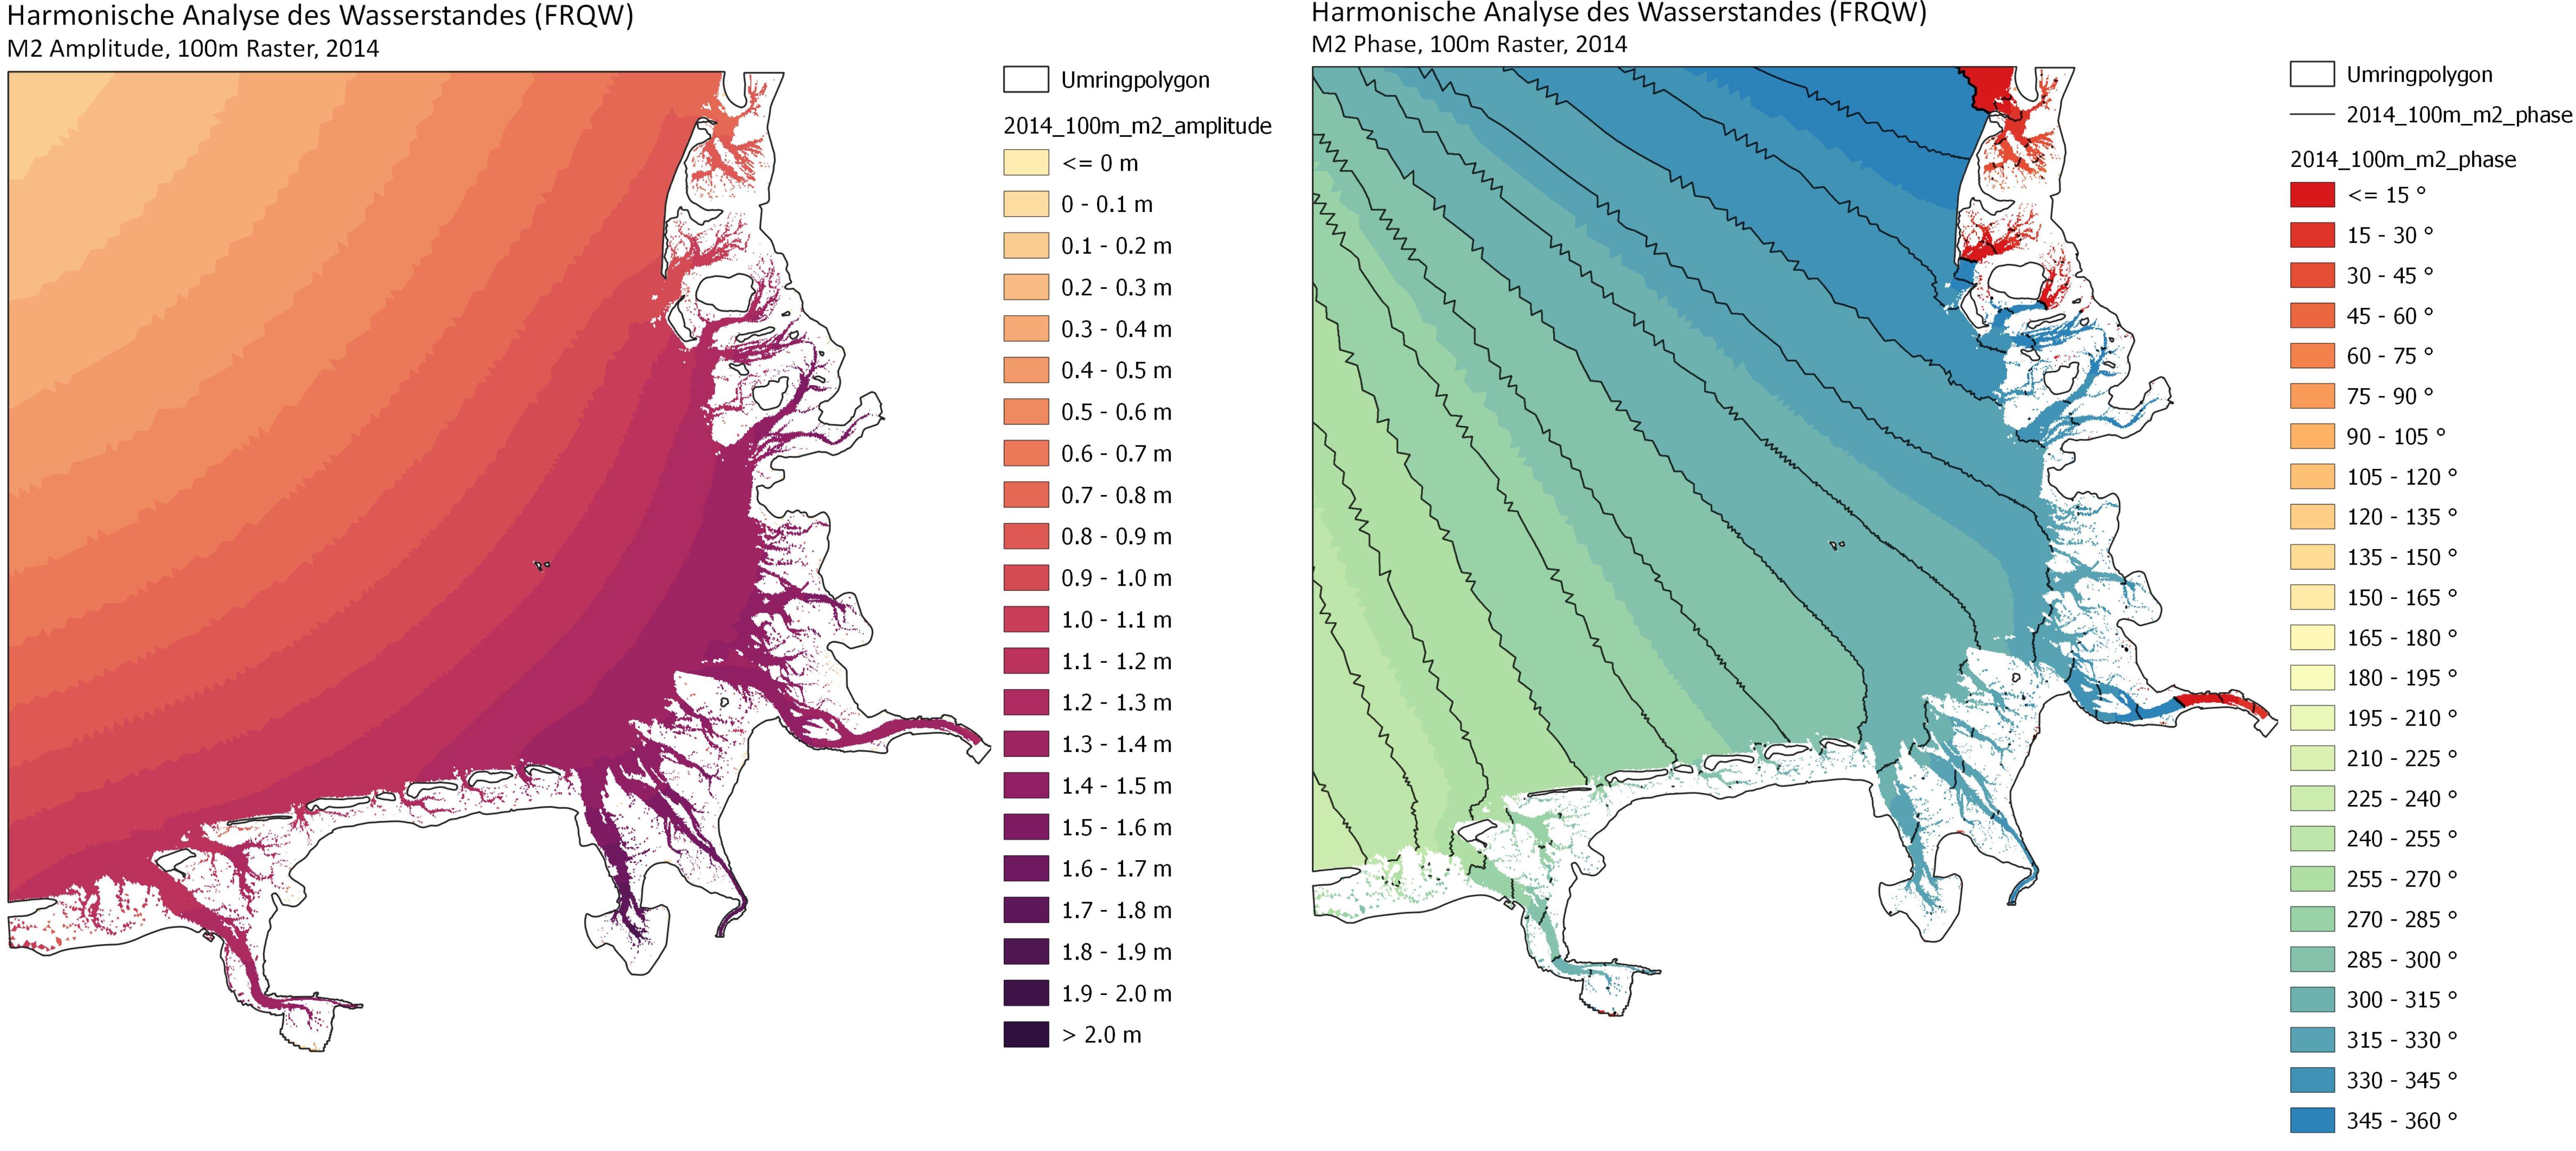 Überblick über die Harmonische Analyse des Wasserstandes für das Jahr 2014